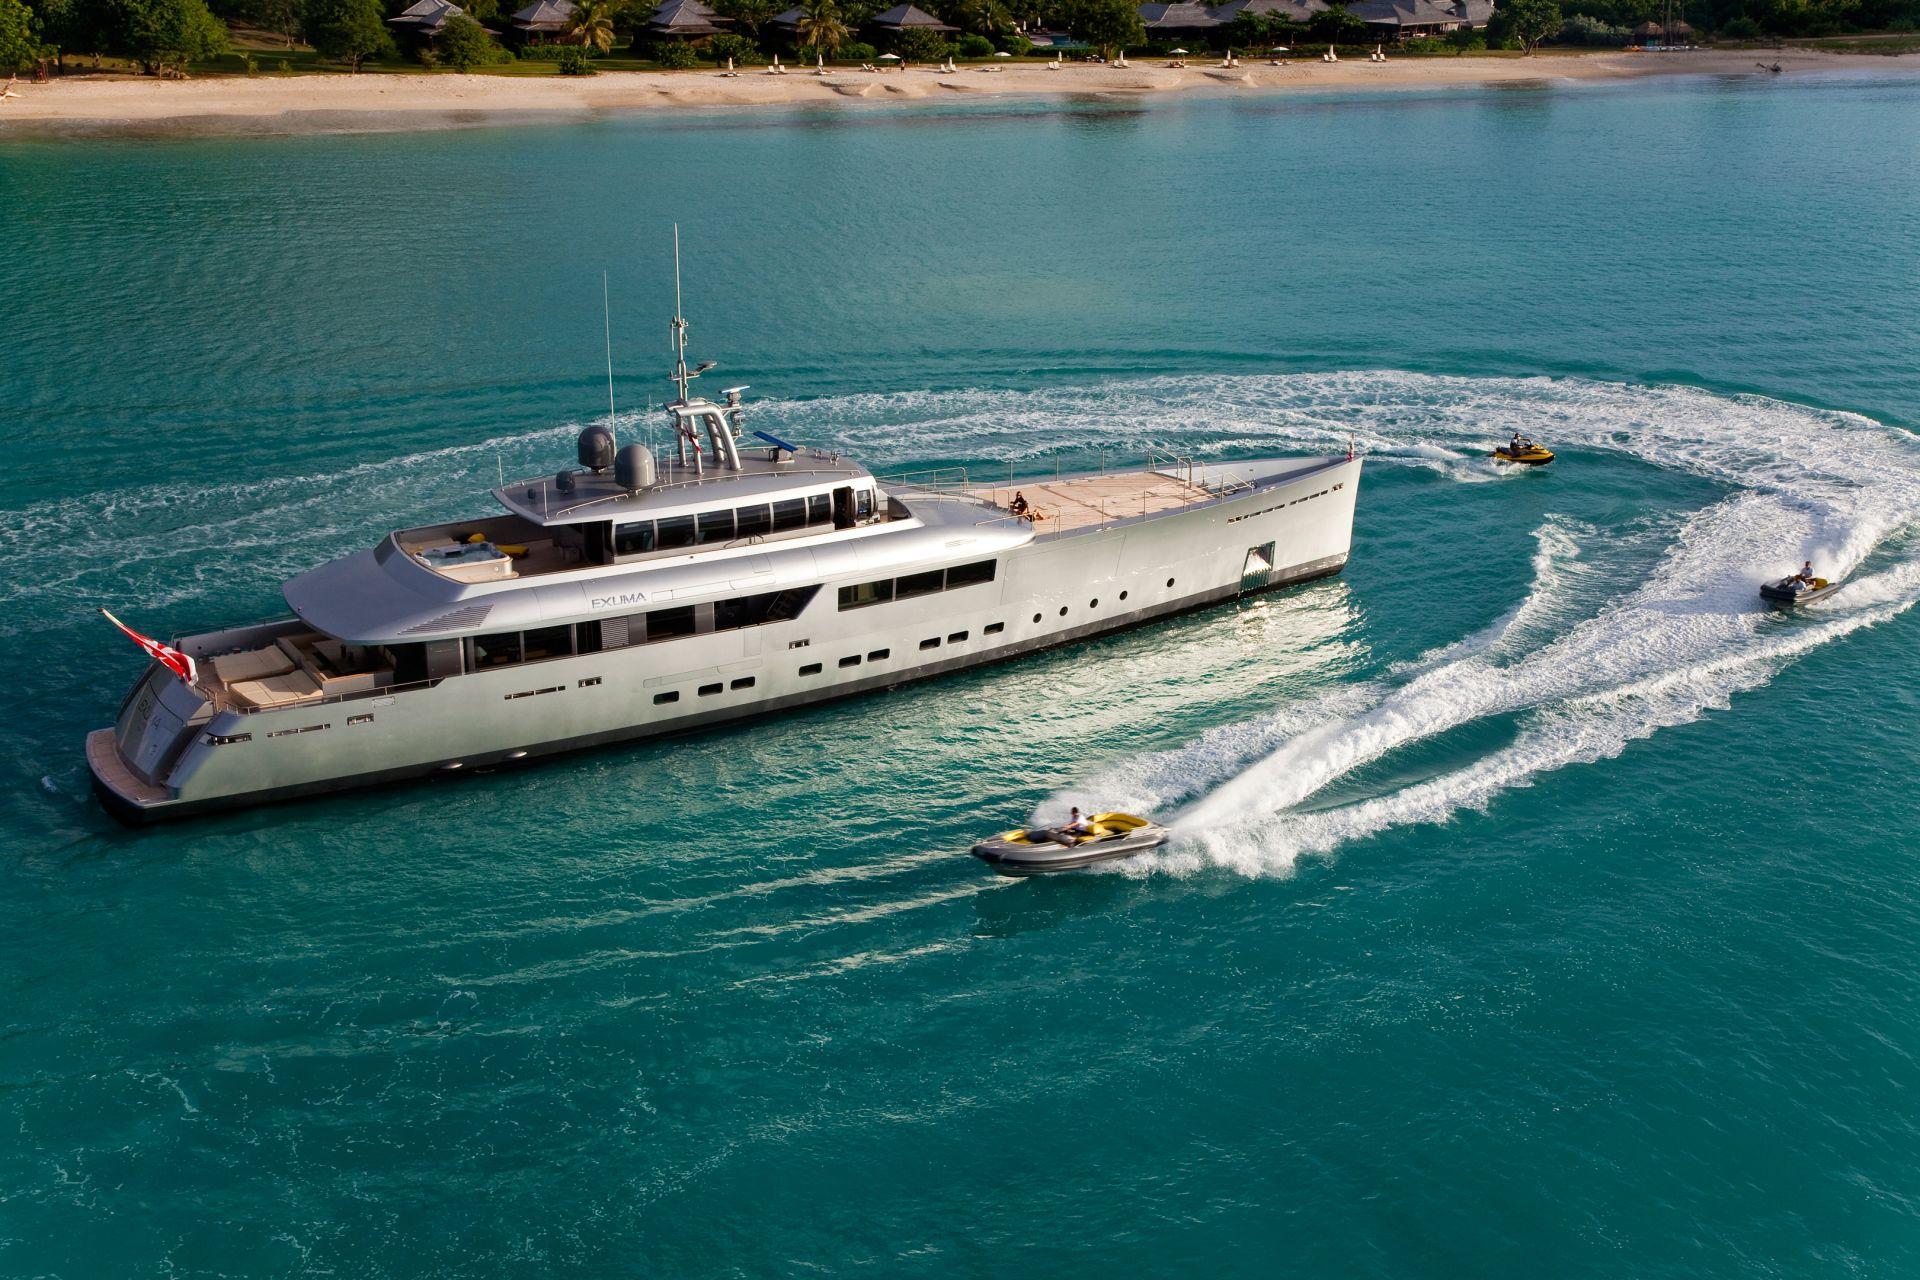 CHARTER - yacht exuma running 02 554c4b0f35da6 v default big